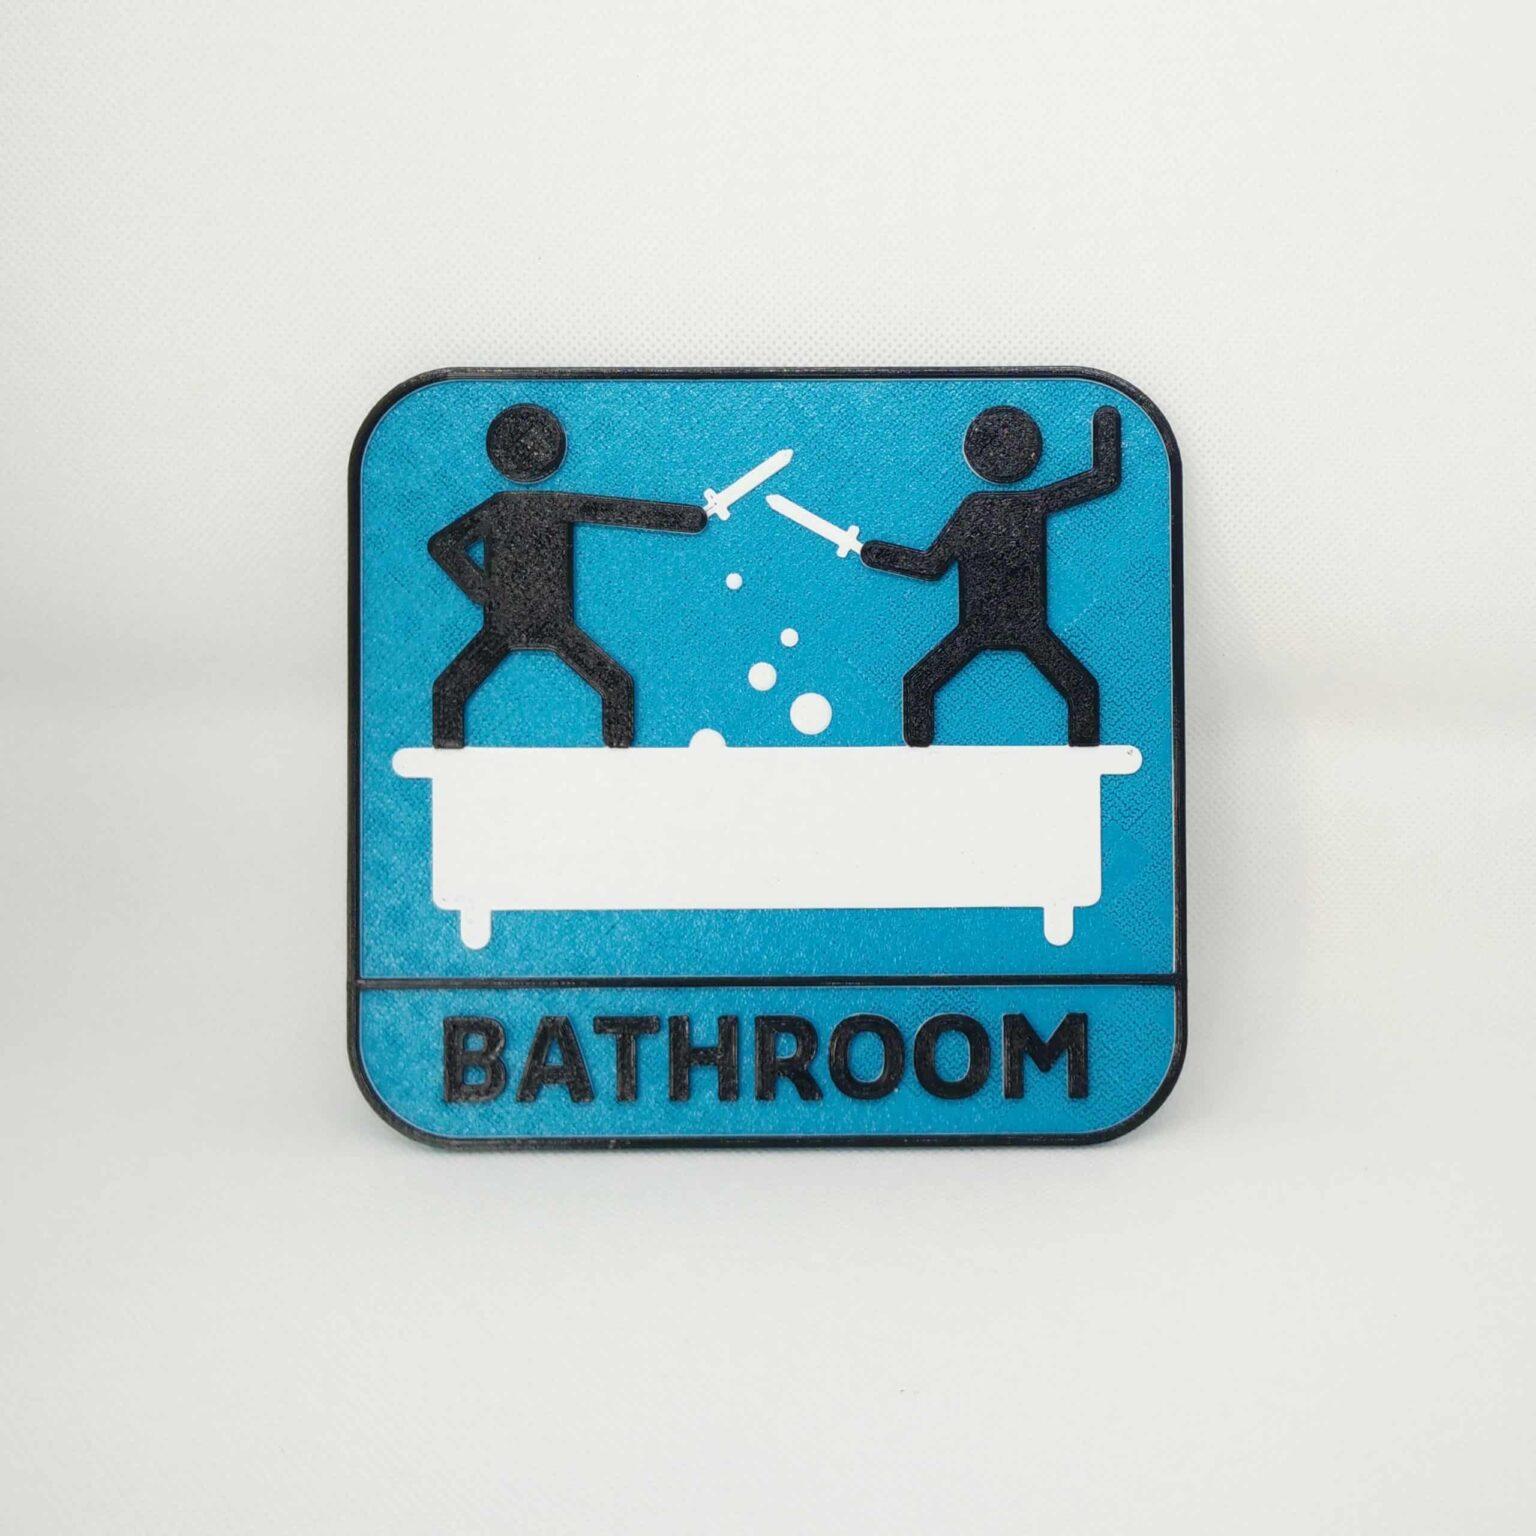 Funny Bathroom door sign - 3D printed